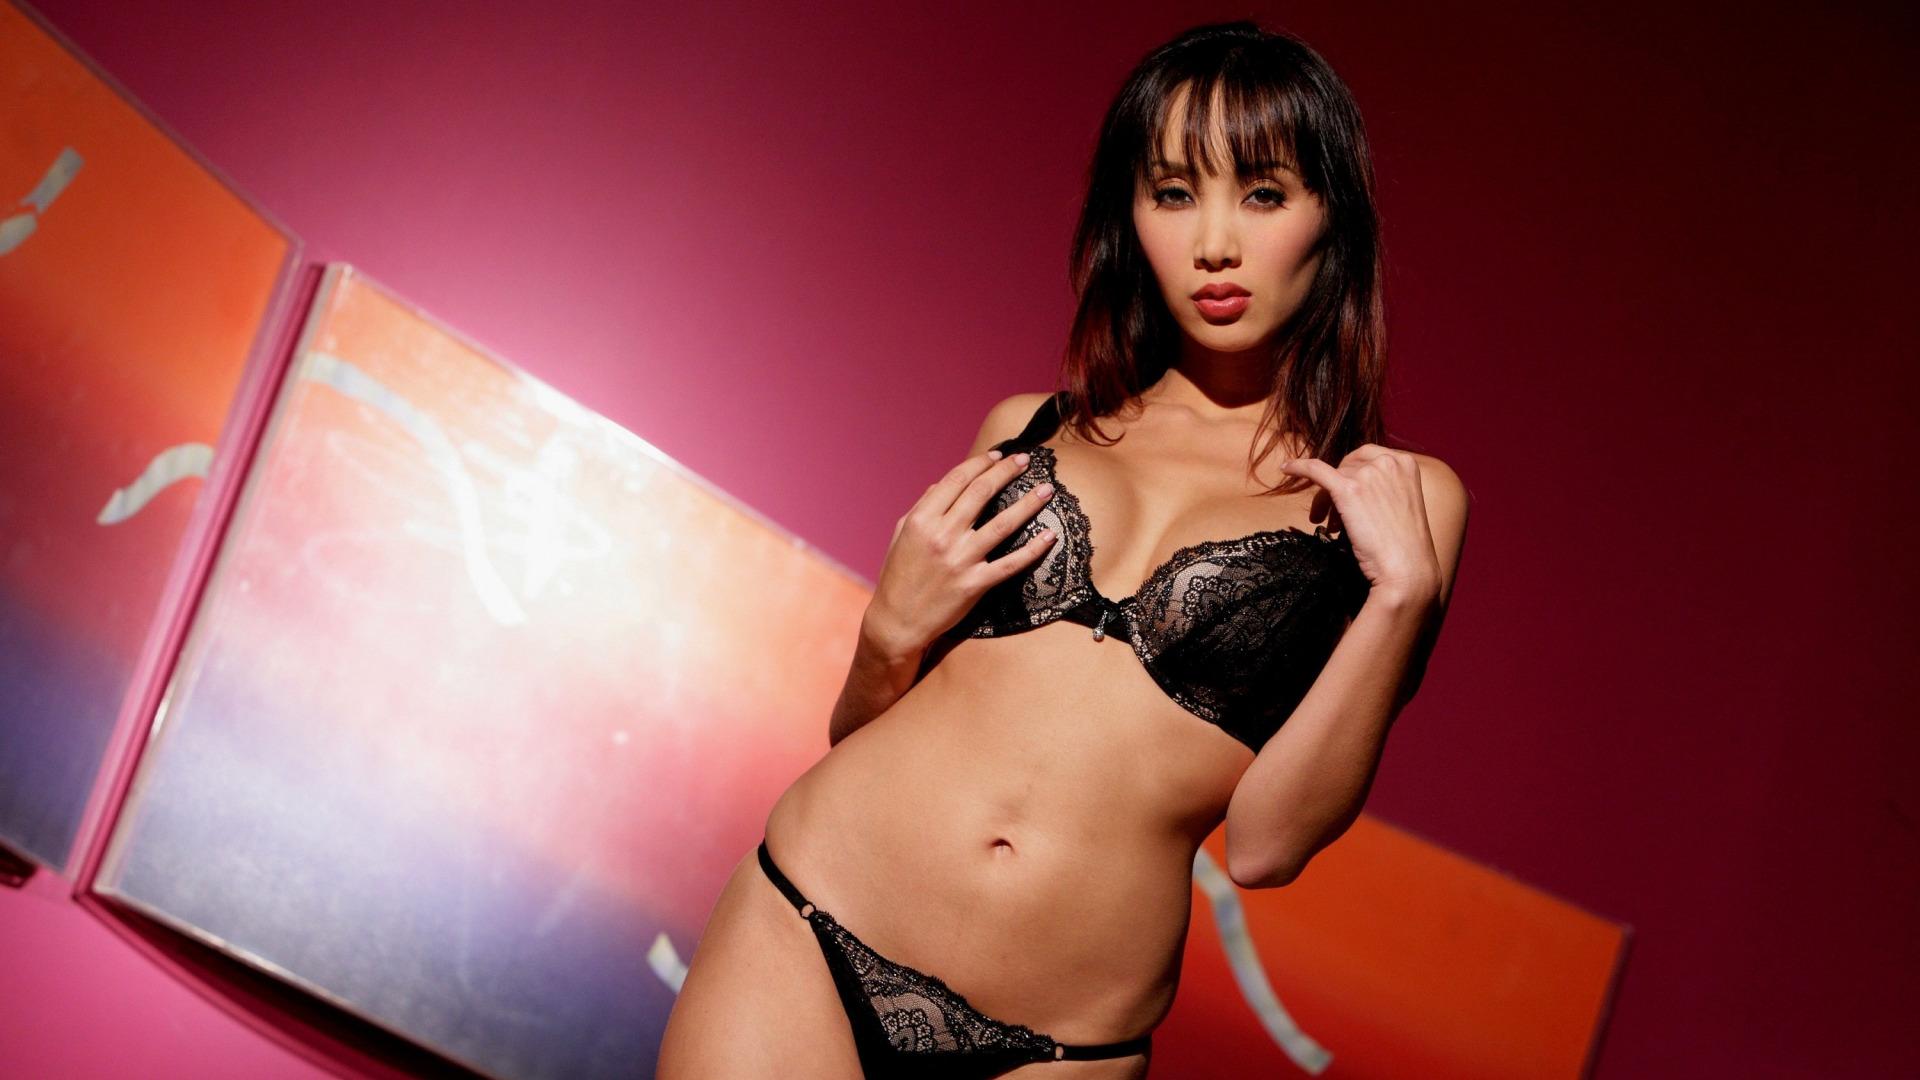 Смотреть порно с катсуми где она играет адвоката